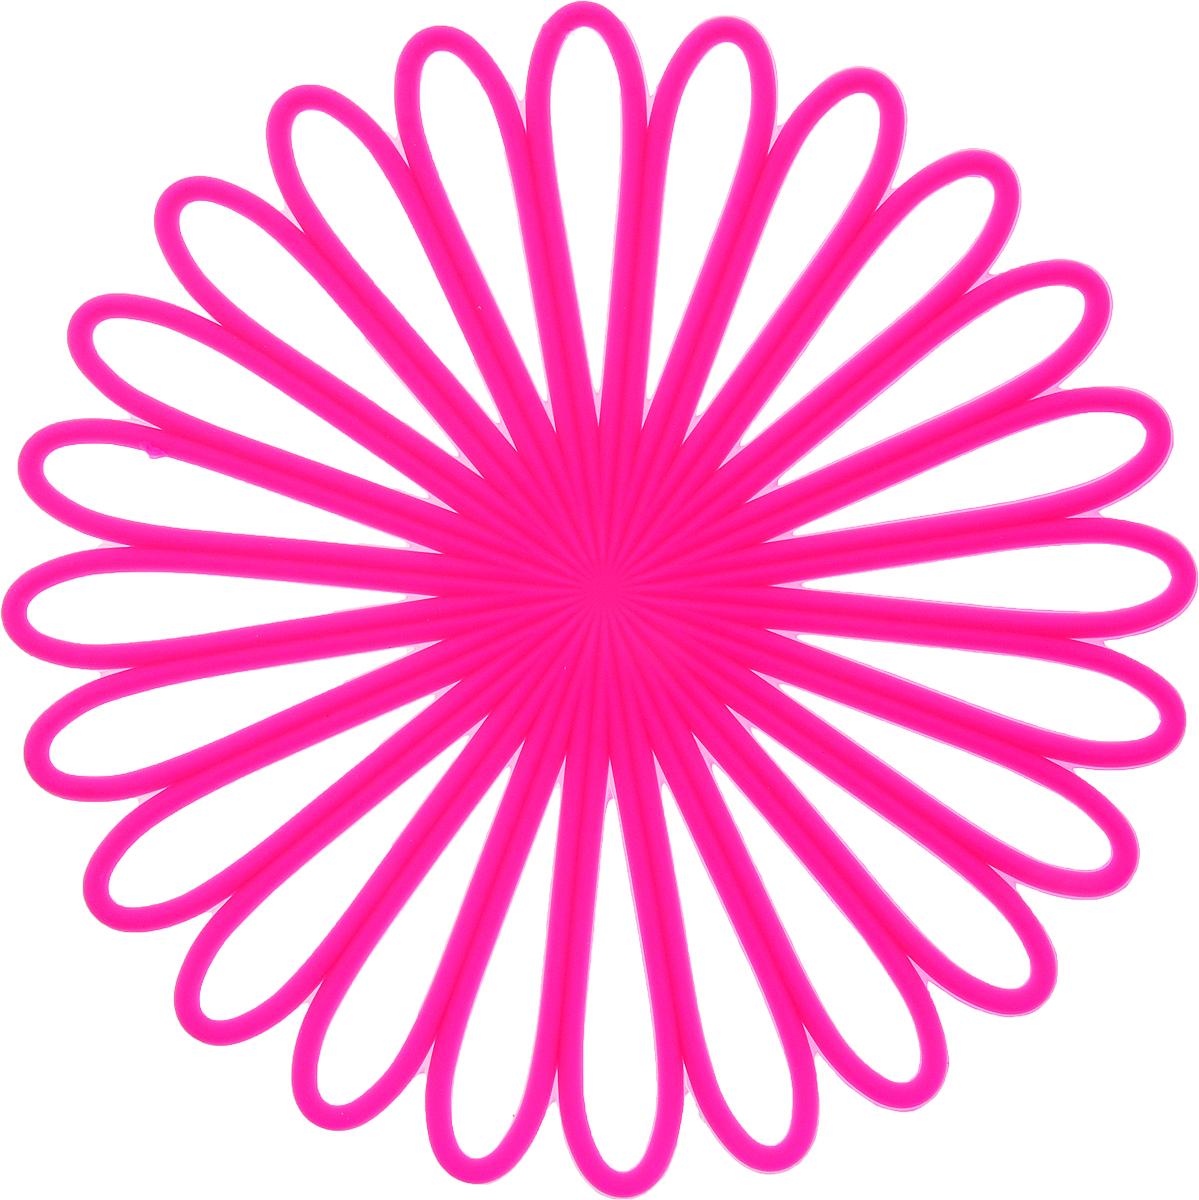 Подставка под горячее Доляна Ромашка, цвет: розовый1687503_розовыйСиликоновая подставка под горячее - практичный предмет, который обязательно пригодится в хозяйстве. Изделие поможет сберечь столы, тумбы, скатерти и клеенки от повреждения нагретыми сковородами, кастрюлями, чайниками и тарелками.